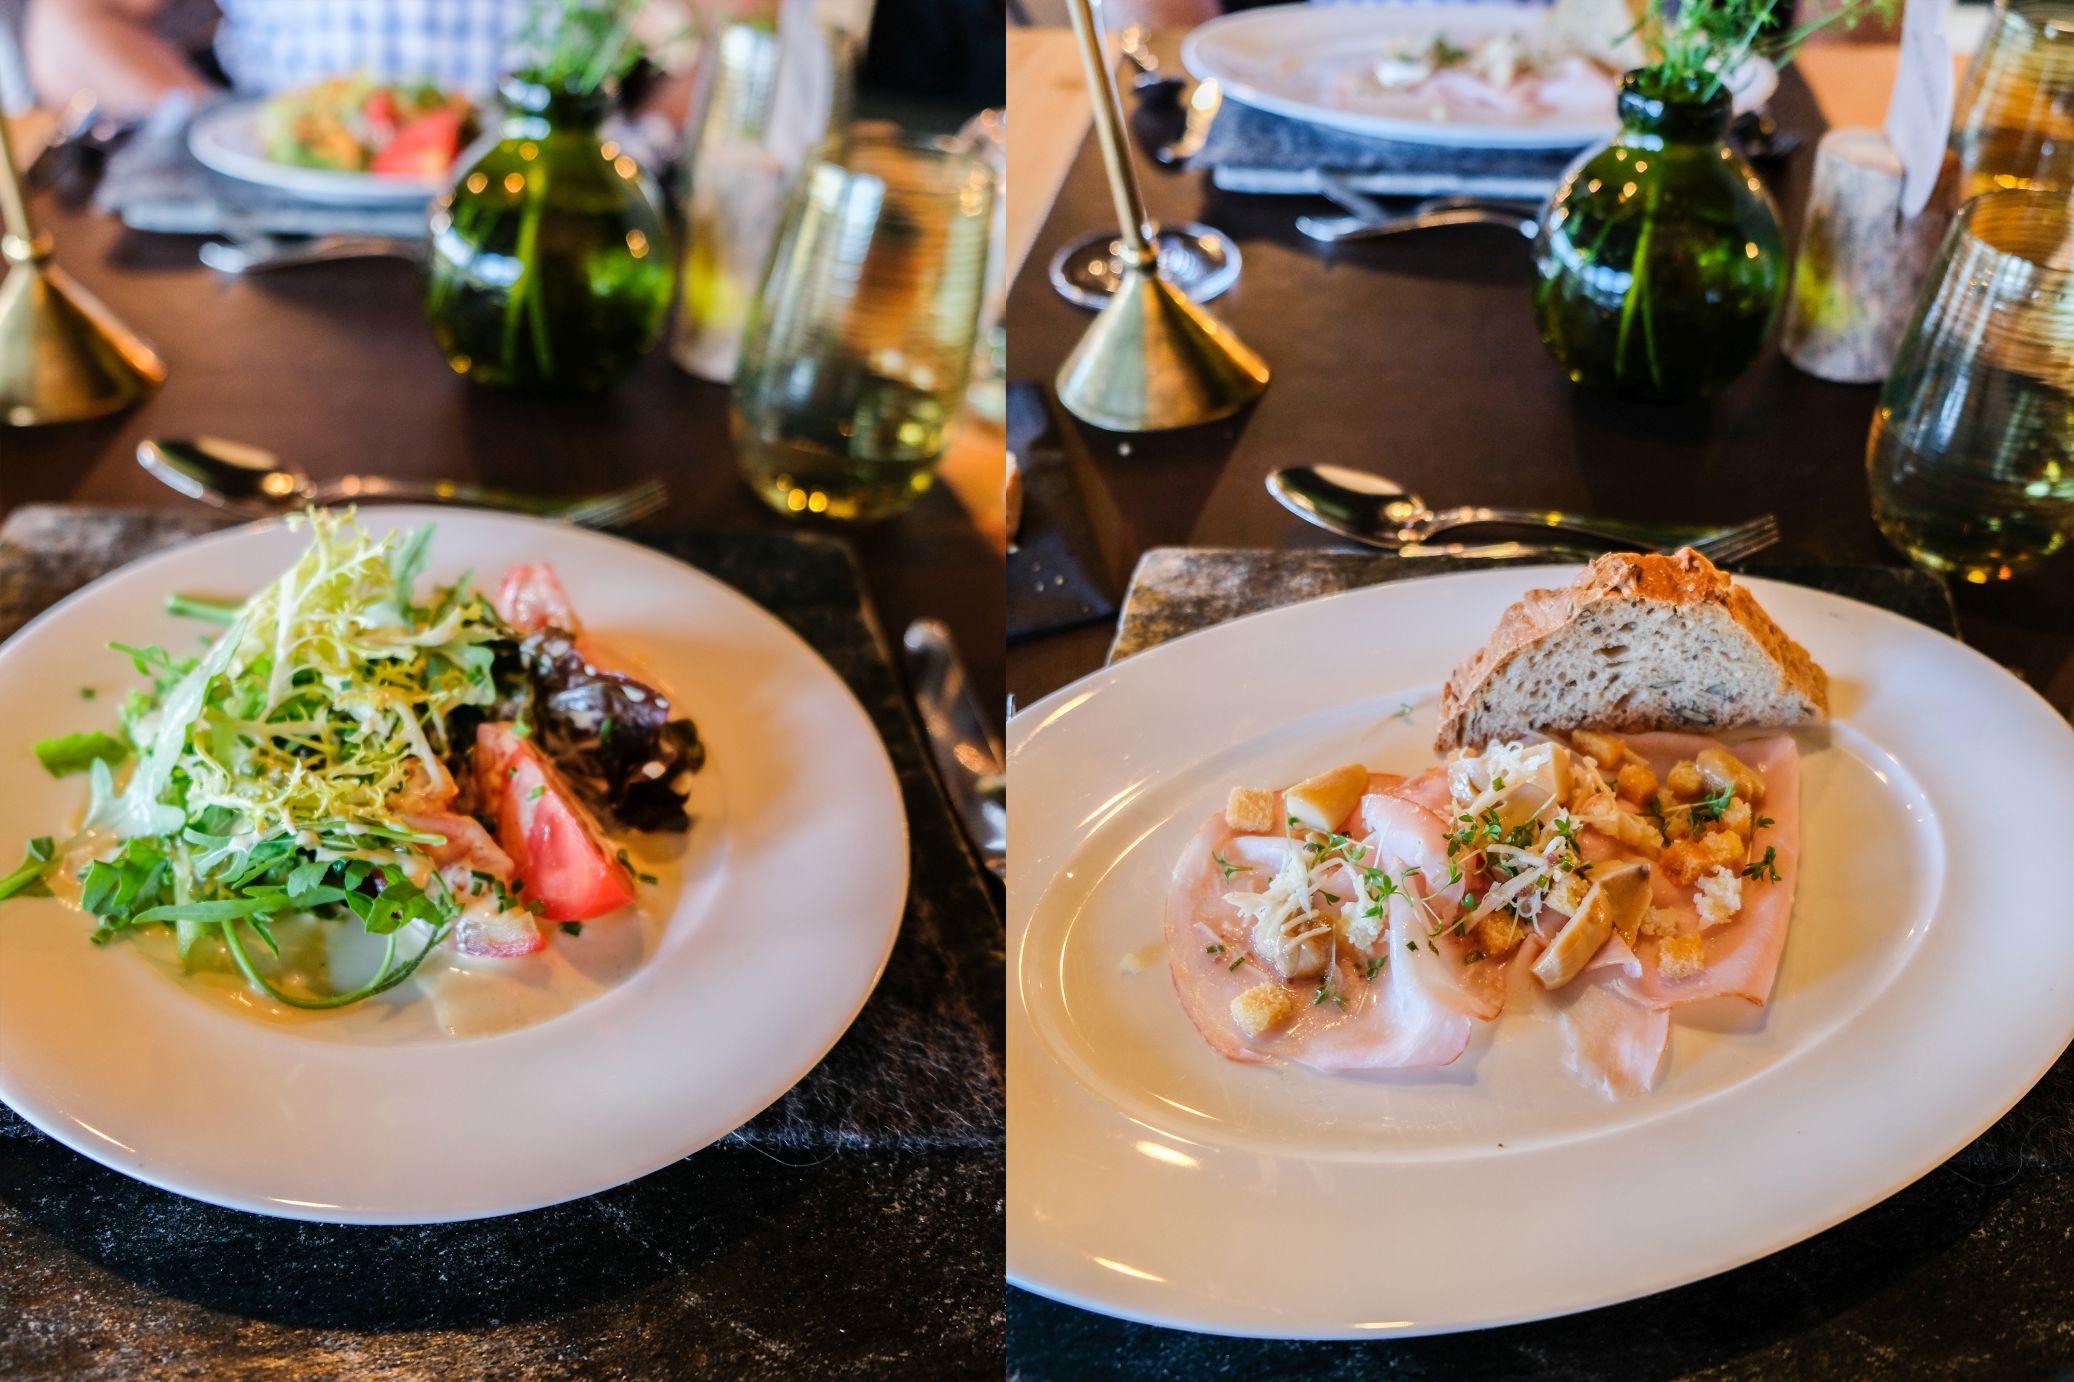 Abendessen Vorspeise Salat Carpaccio Hotel Pfösl Schätze aus meiner Küche